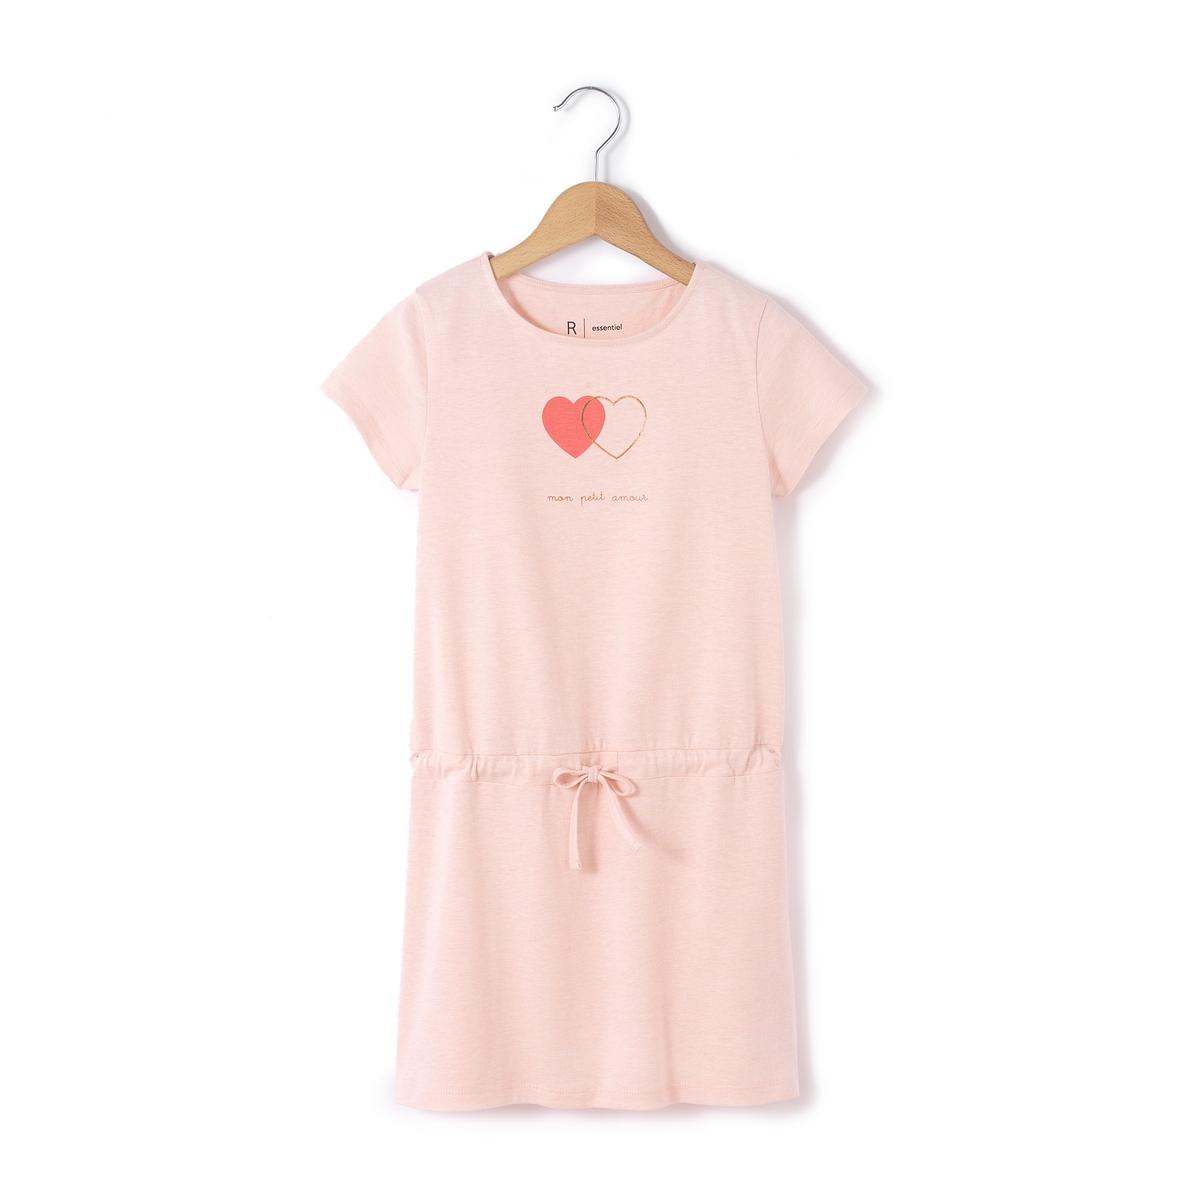 Платье с рисунком сплетенные сердца  3-12 лет. Короткие рукава